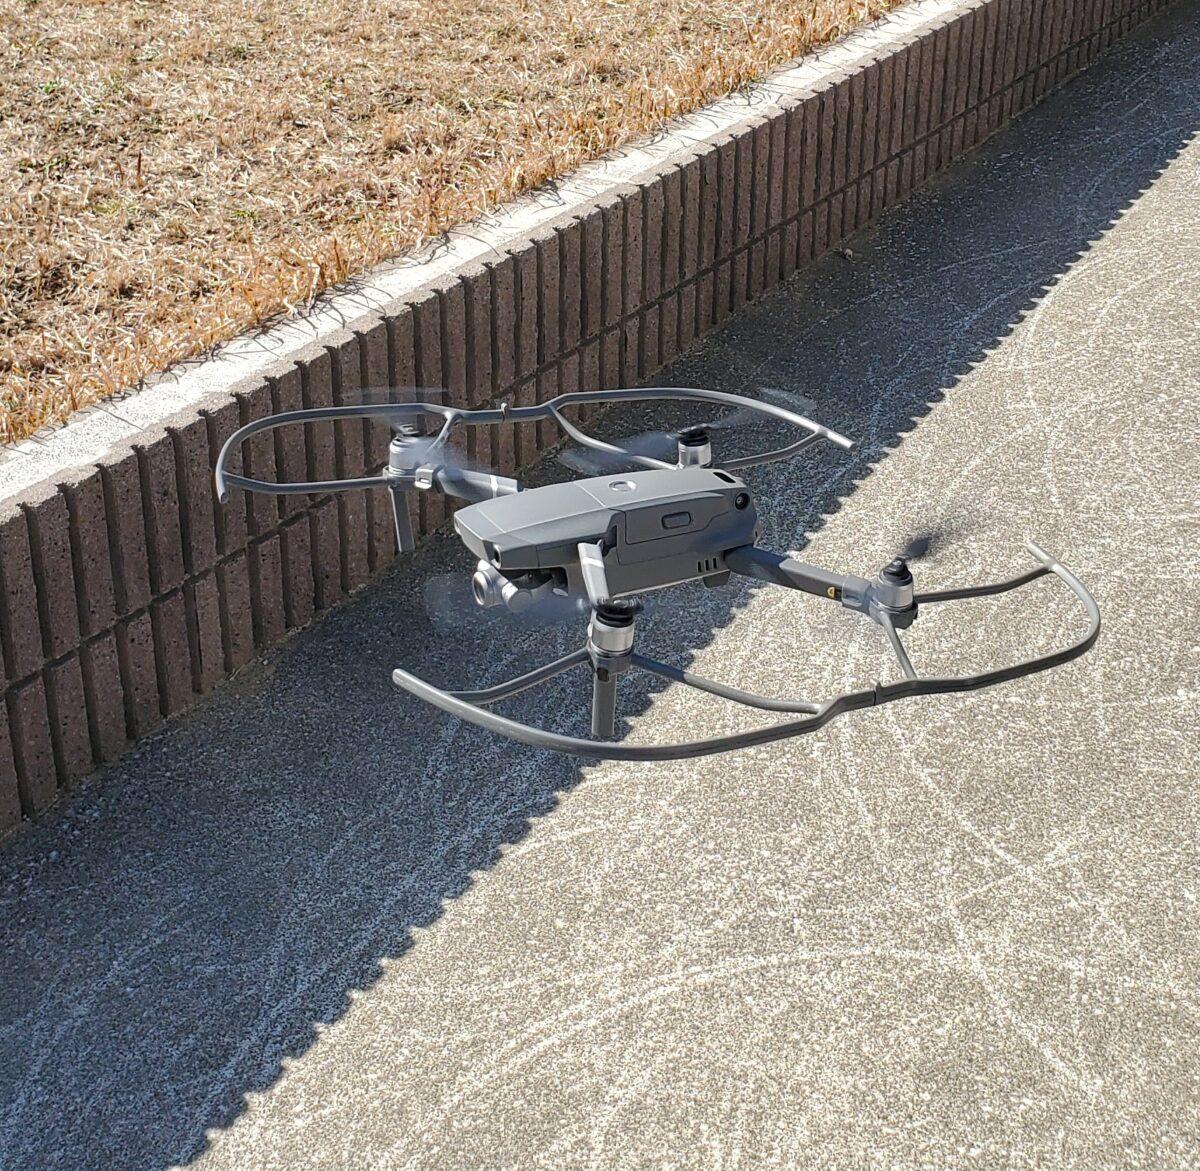 千葉県袖ケ浦市 M様邸 ドローン屋根点検を行いました。